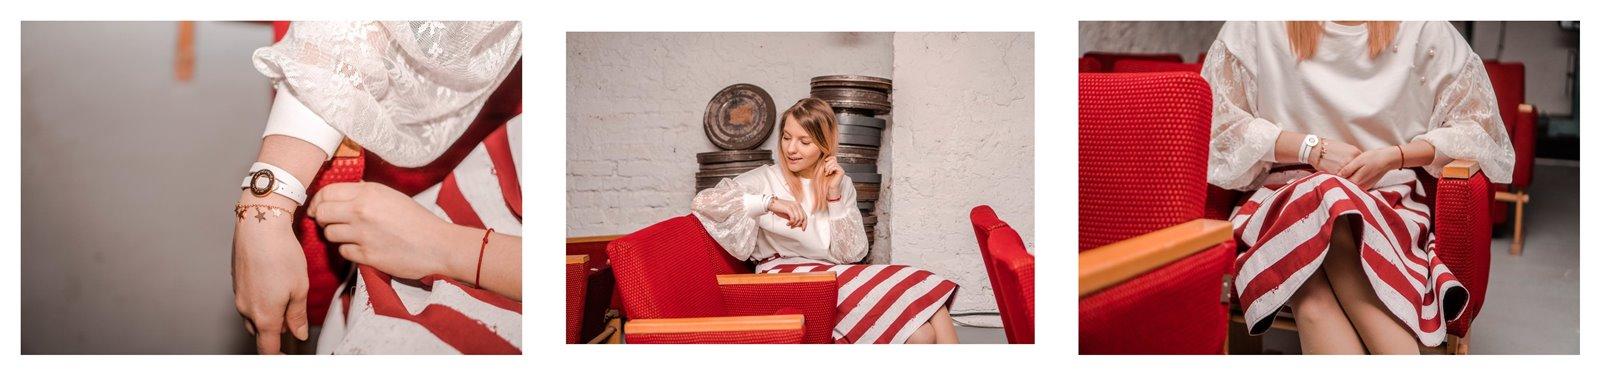 5a Skirt story spódnice szyte na miarę krawiectwo krawcowa online pomysł na prezent dla żony narzeczonej mamy szycie spódnic kraków łódź stylowe hotele stare kino w łodzi opinie recenzje pokoje gdzie się zatrzymać